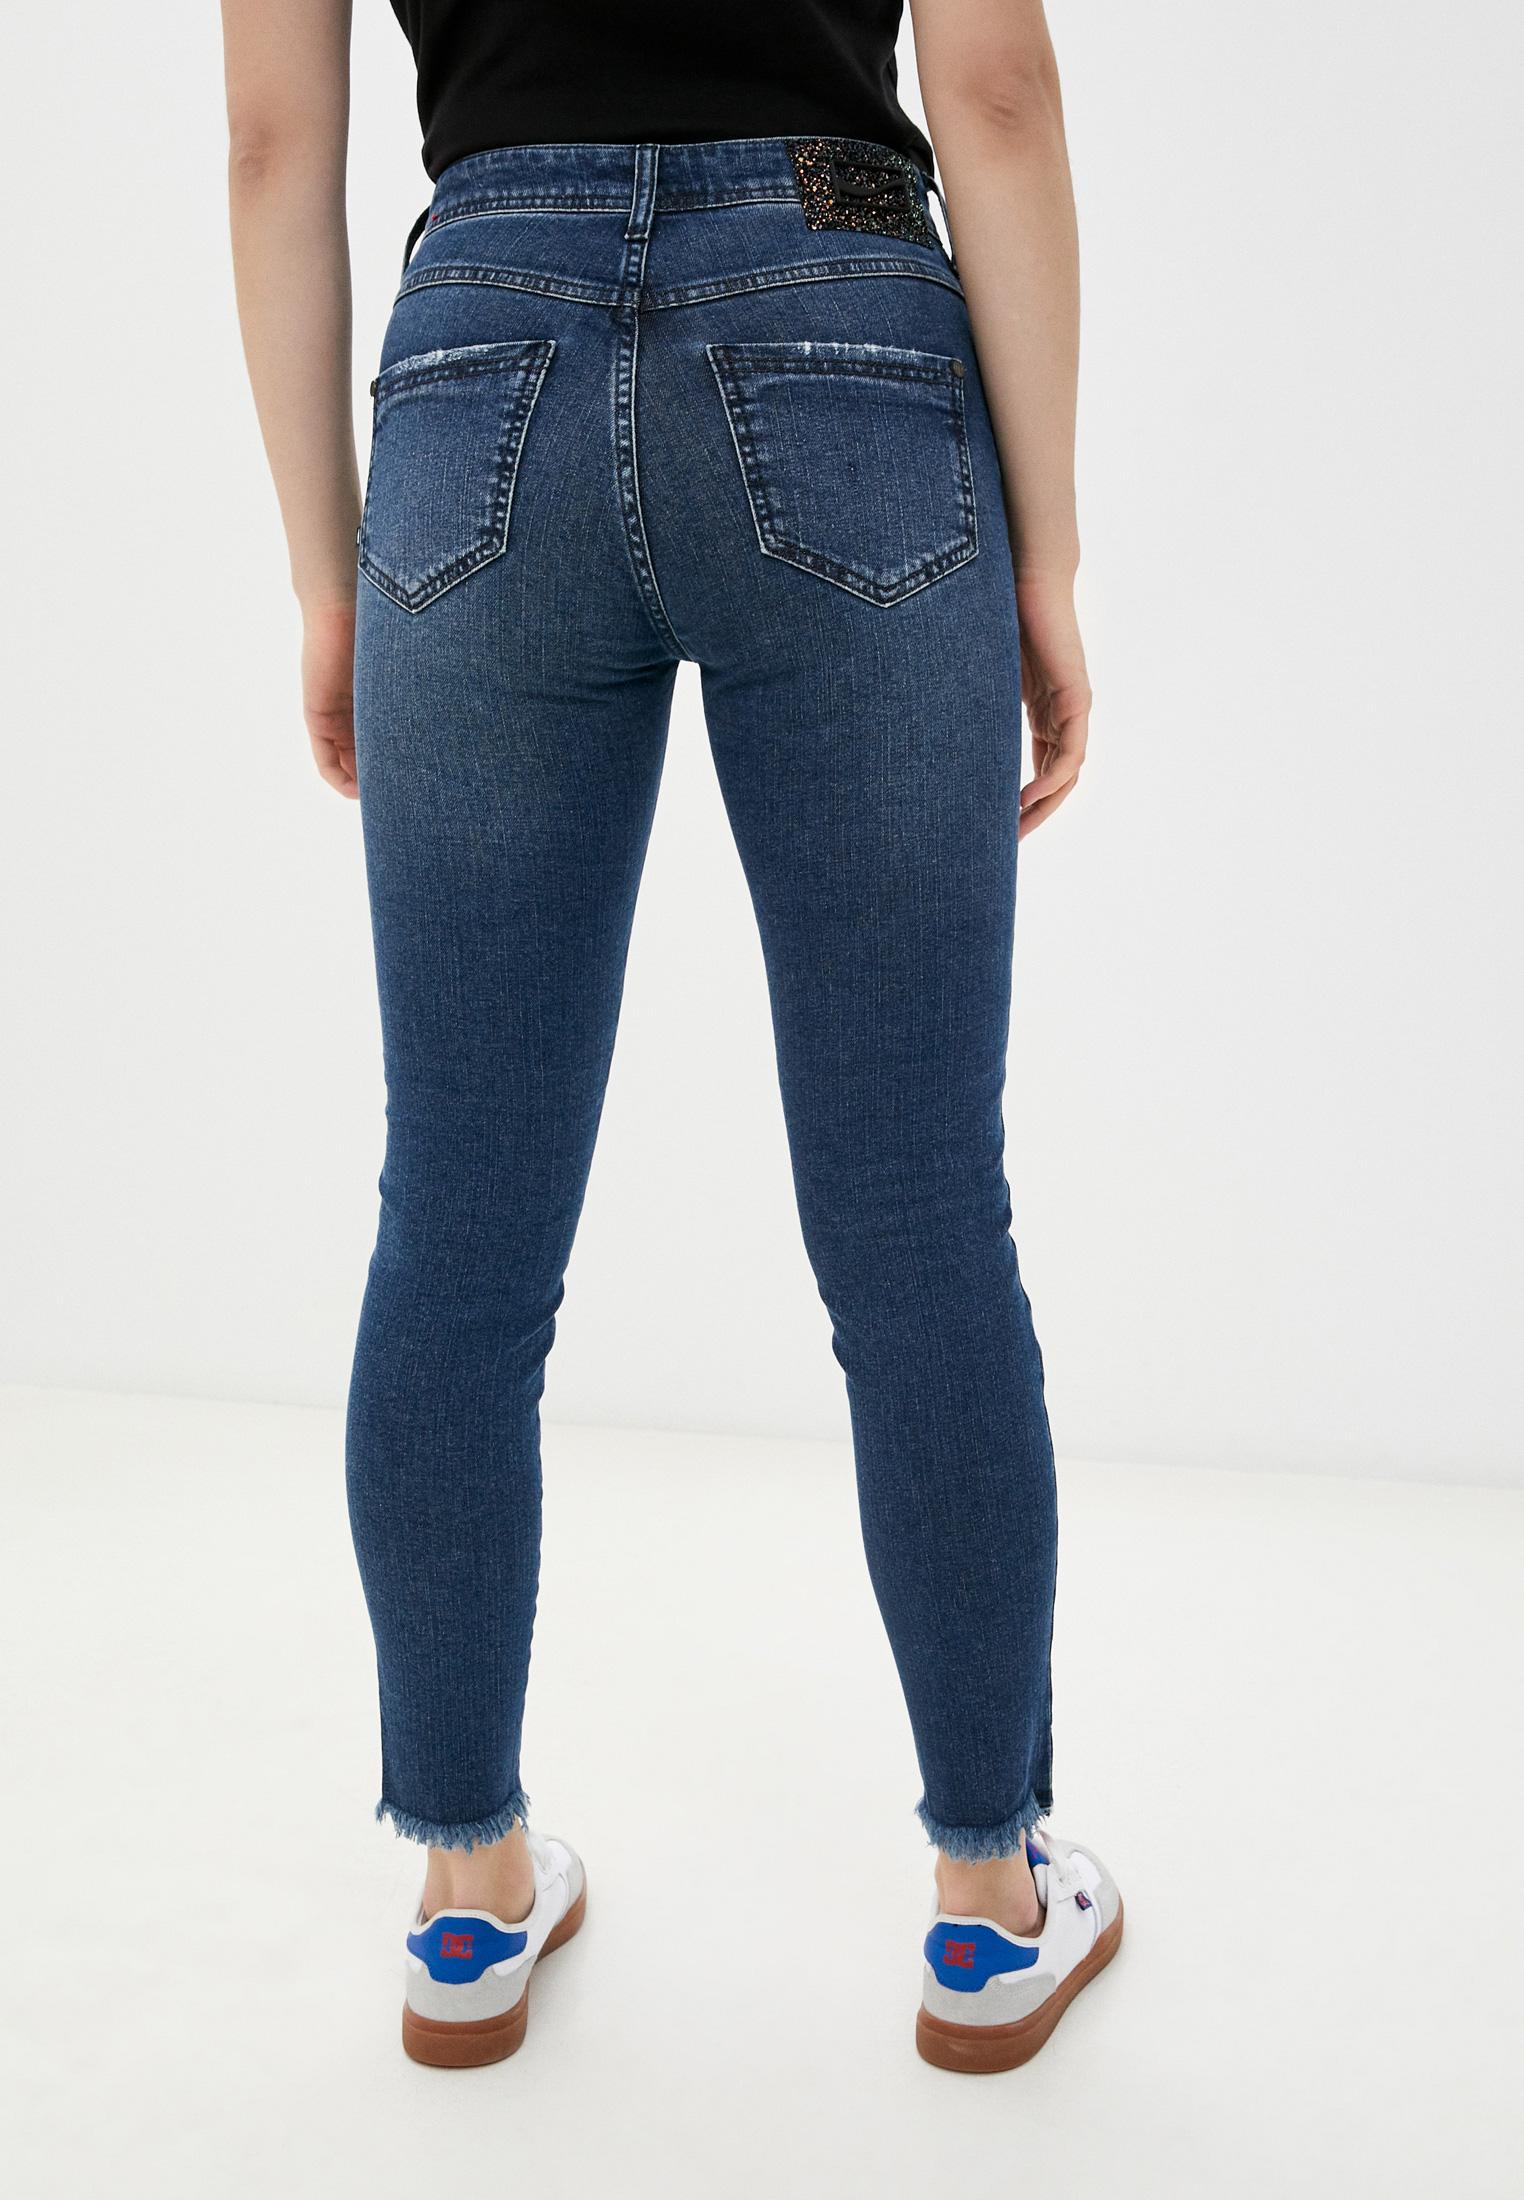 Зауженные джинсы Coca Cola Jeans 002.32.03068: изображение 3